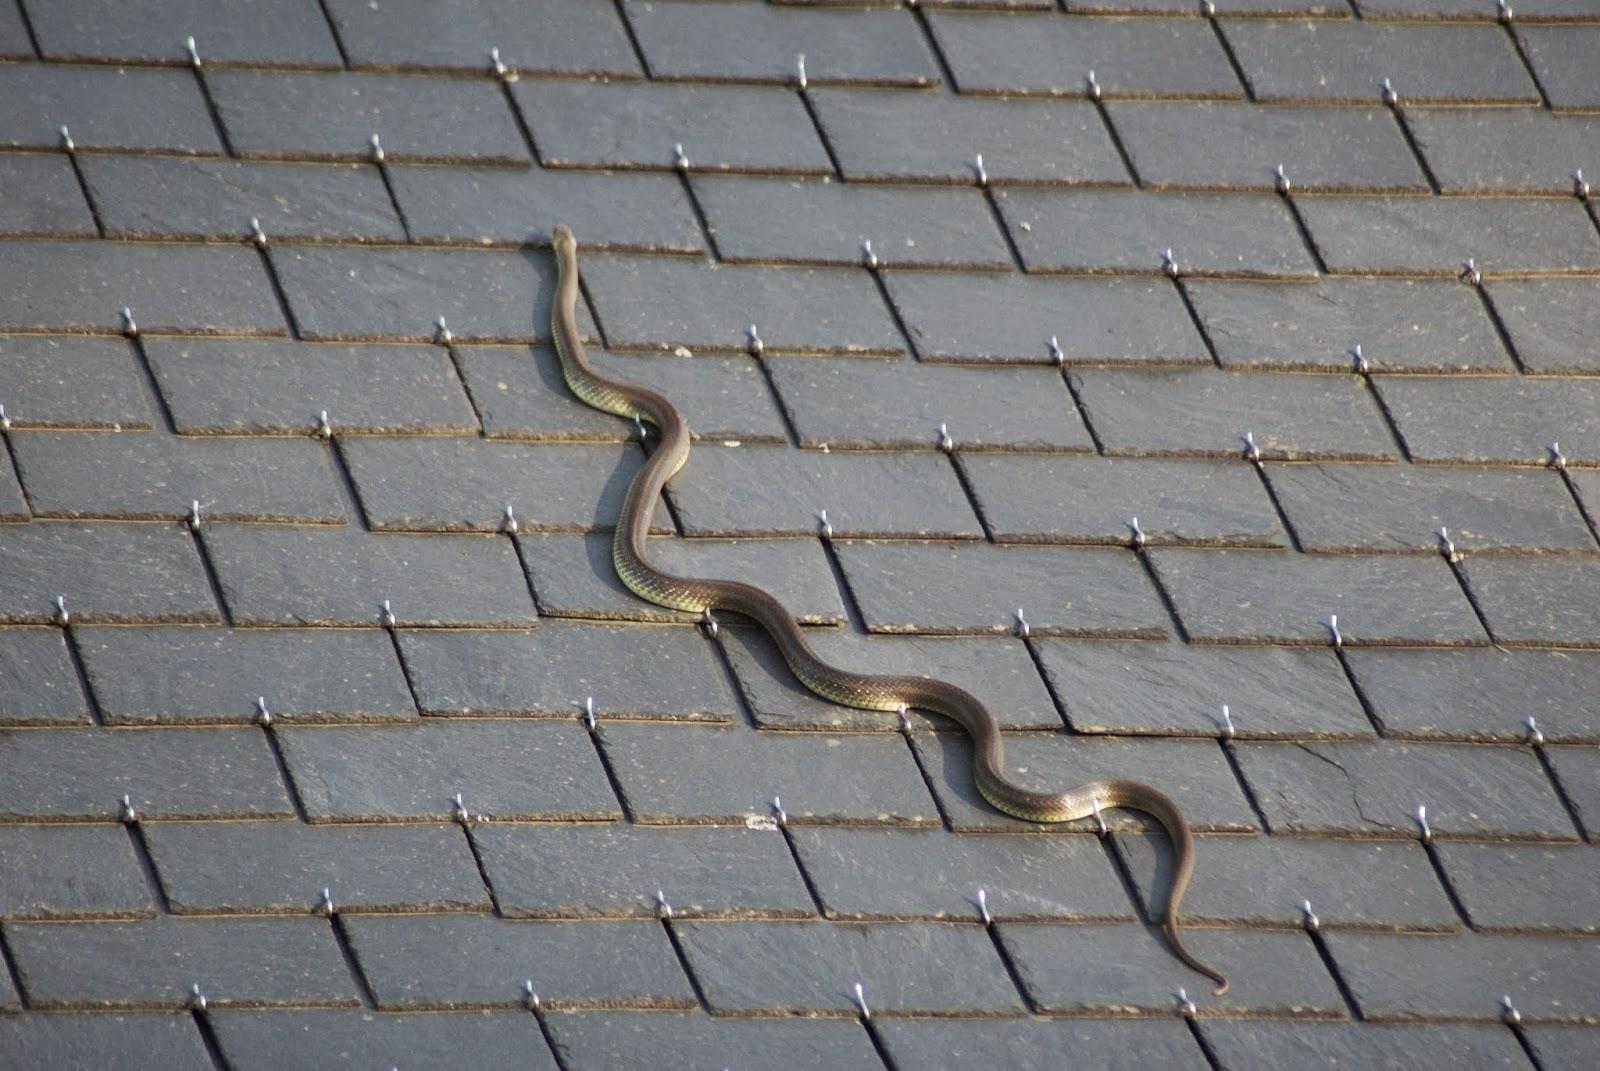 Afbeeldingen Slangen In Frankrijk